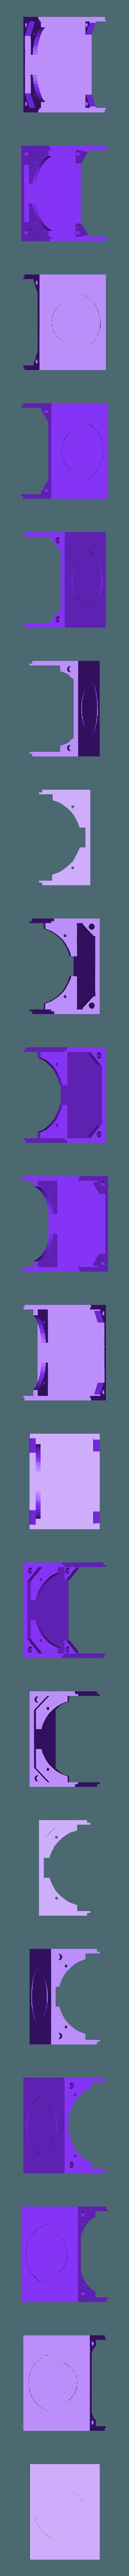 """bbVFR2iSB_bot.stl Download free STL file badBrick - Speaker Case for Vifa TC6FD00-04 2"""" Woofer • 3D printable template, Lassaalk"""